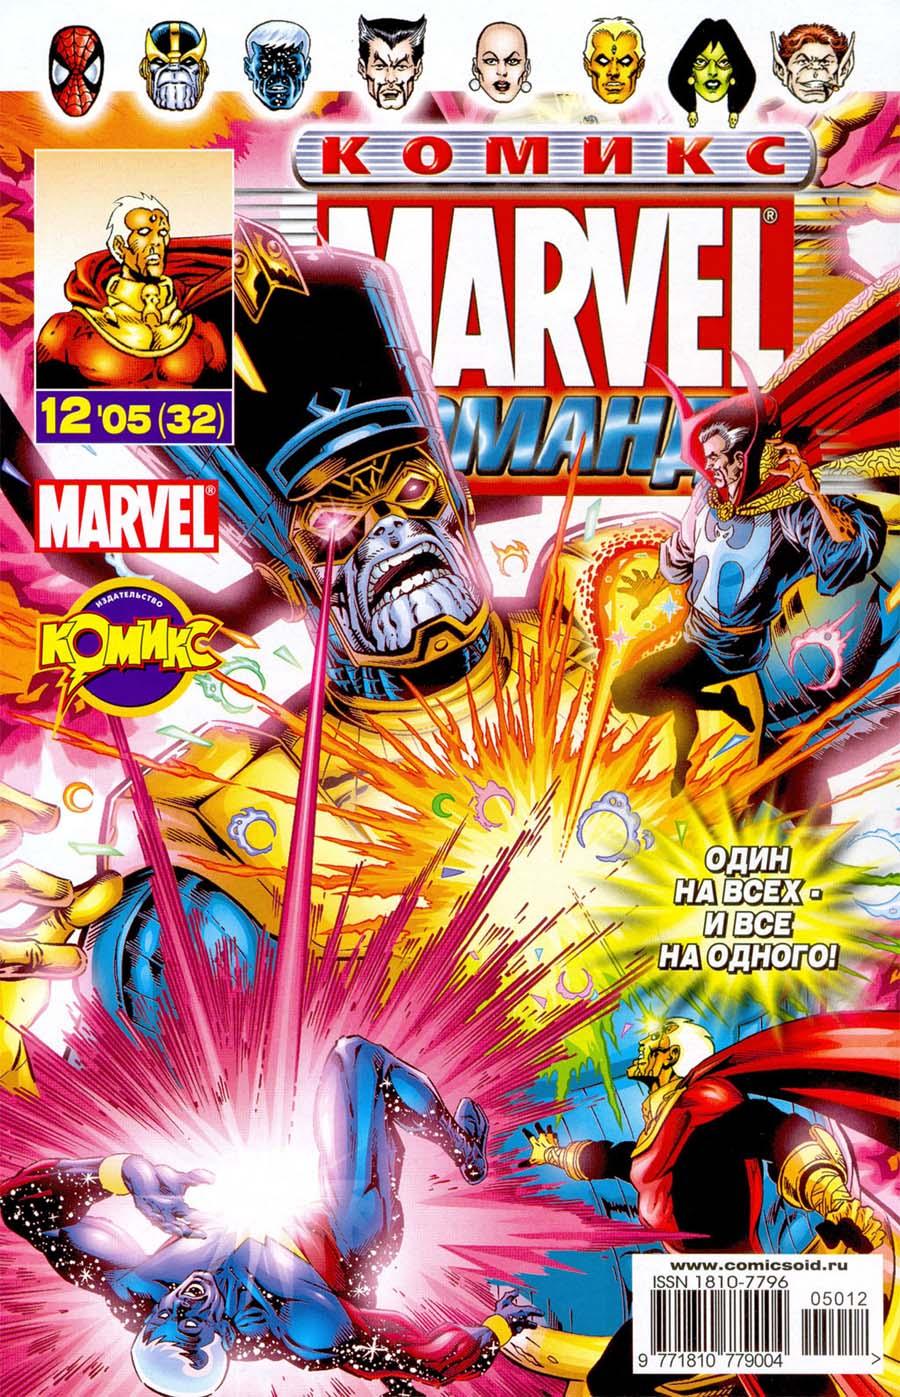 Комиксы Онлайн - Марвел Команда ИДК - # 6 - Страница №1 - Marvel Команда ИДК - Marvel Команда # 32